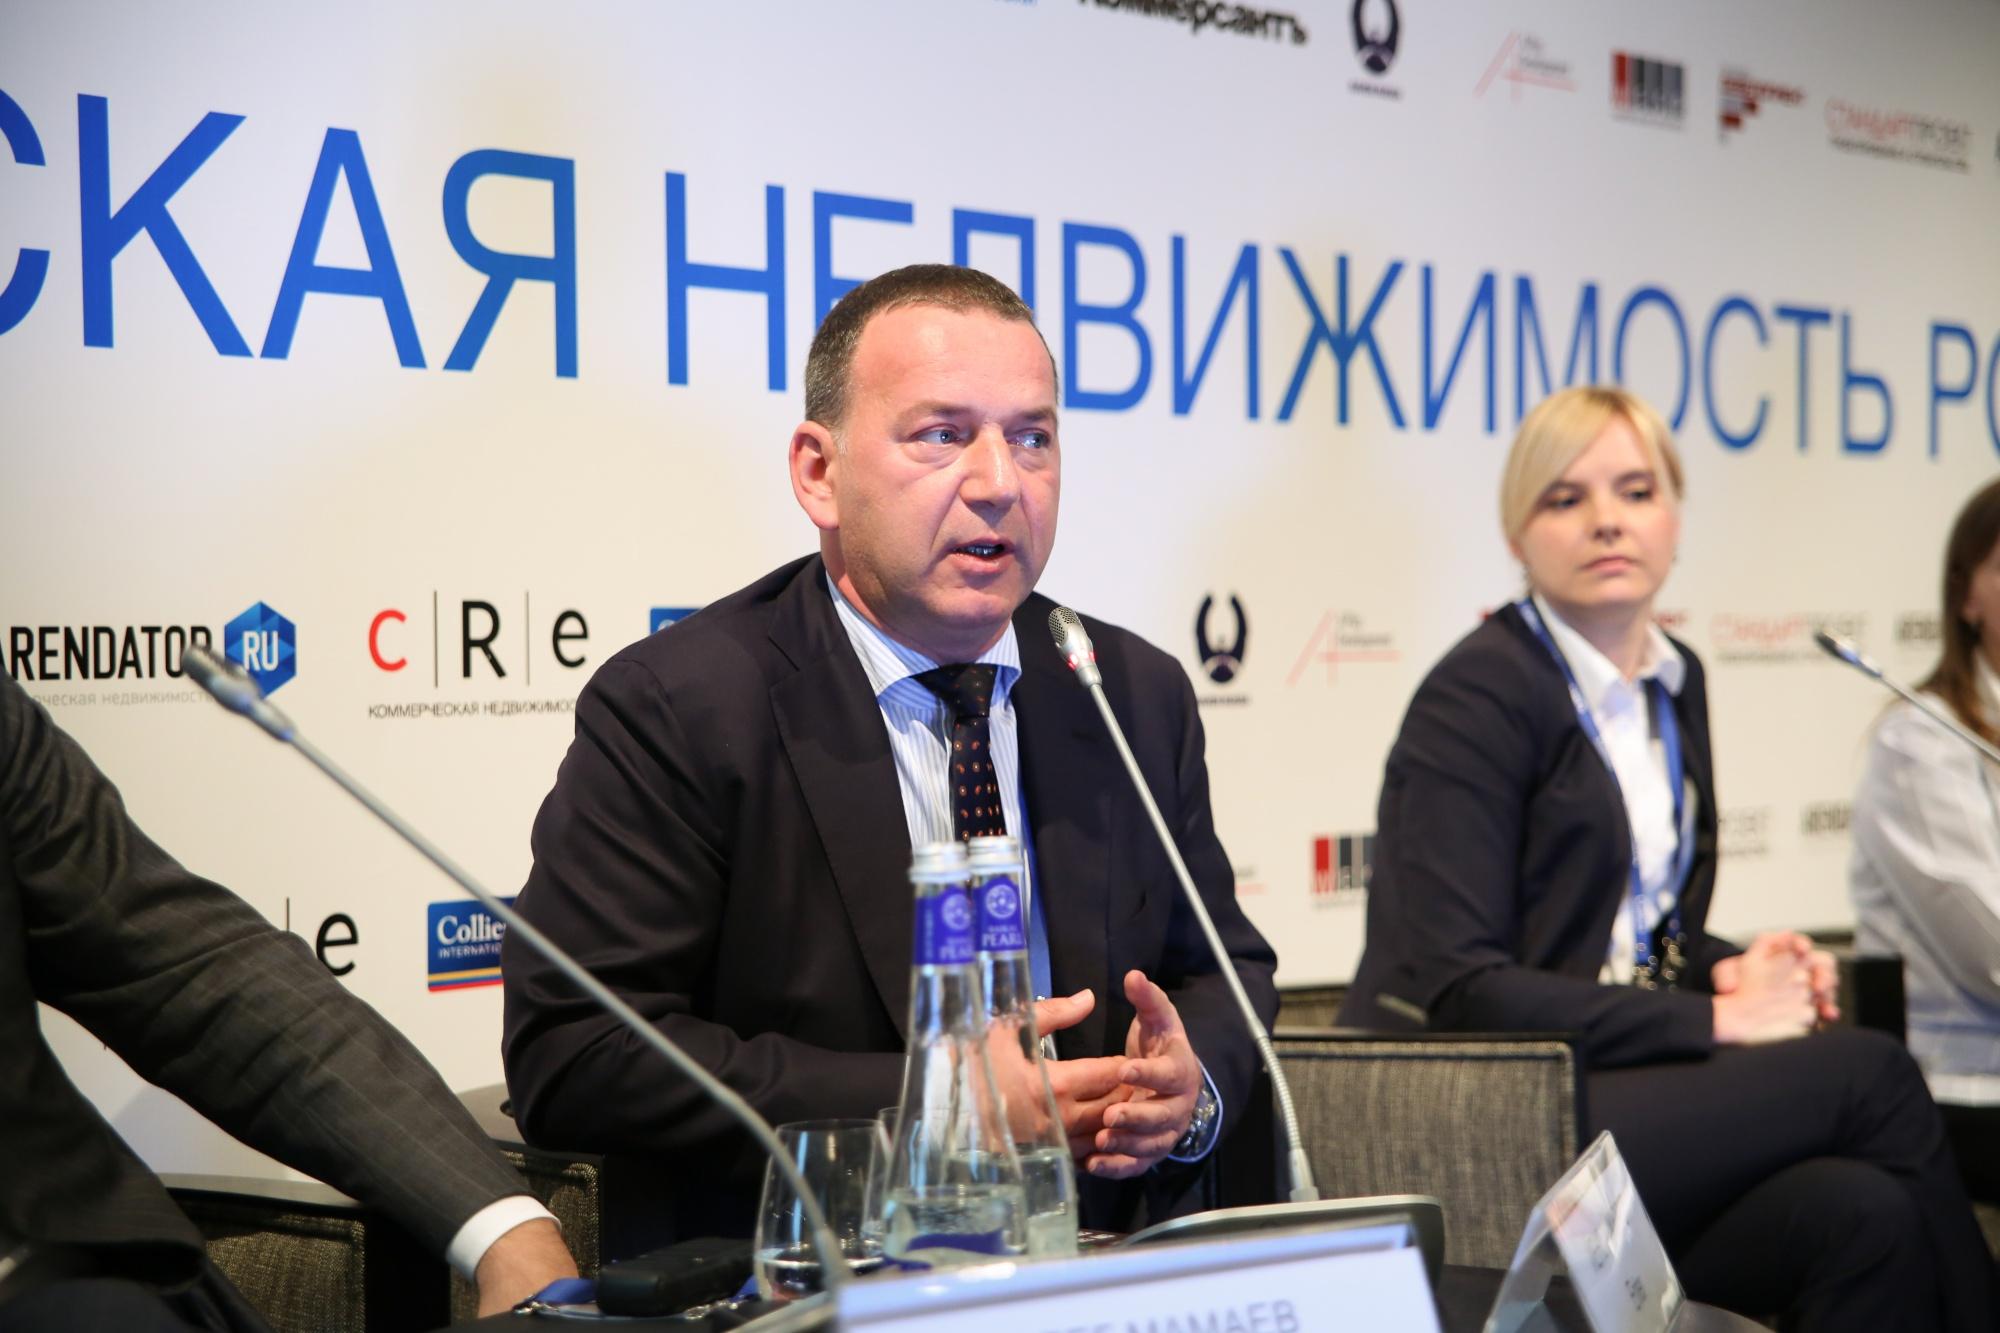 Реалии и прогнозы арендаторов и девелоперов складской недвижимости в России